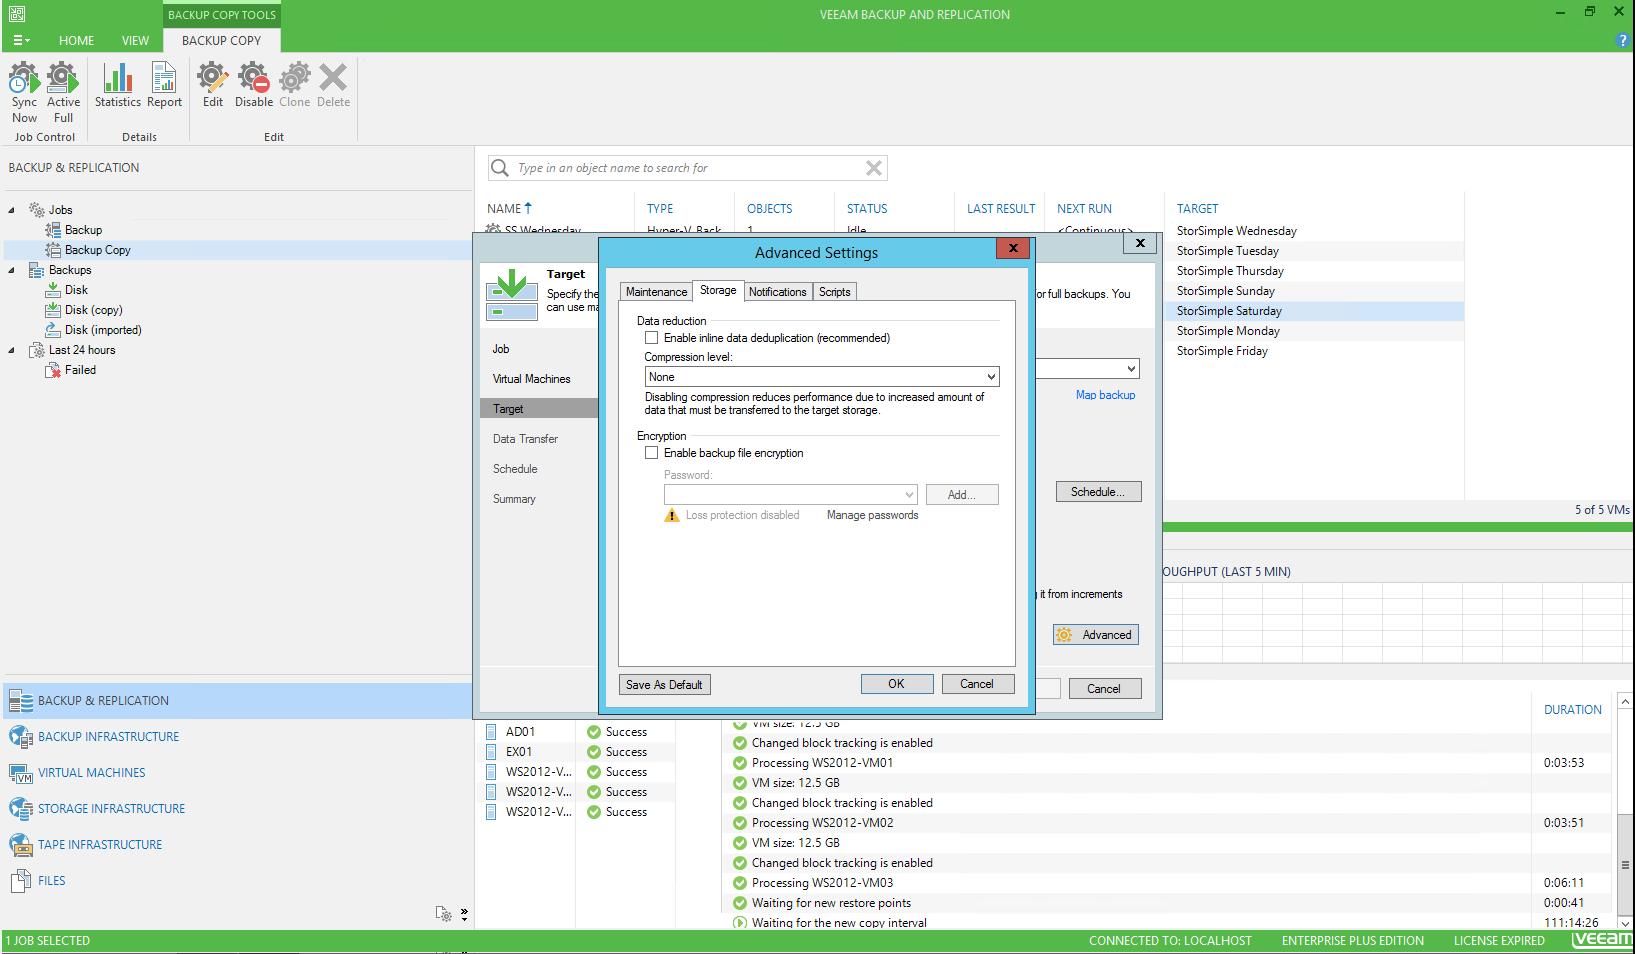 StorSimple 8000 series as backup target with Veeam